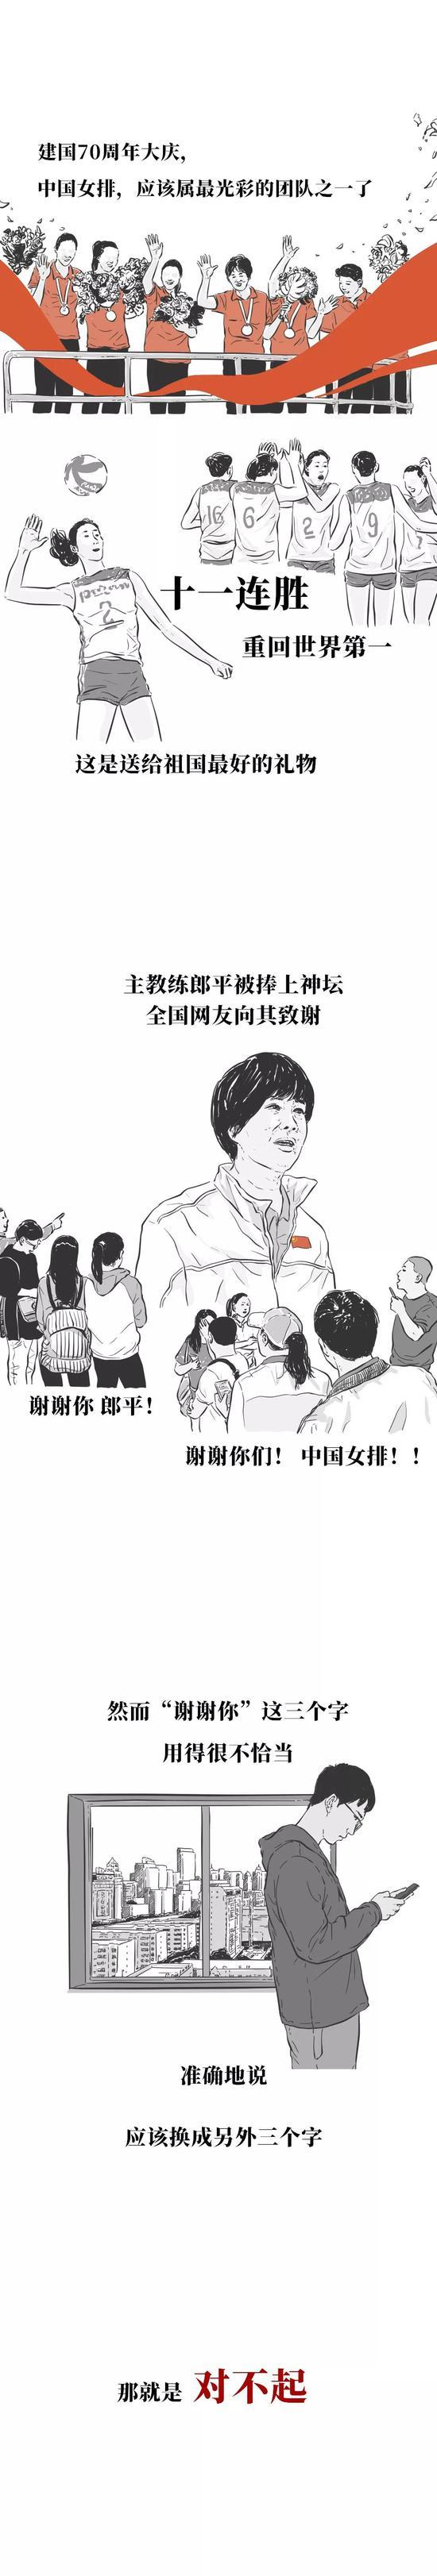 亚投娱乐平台_首页